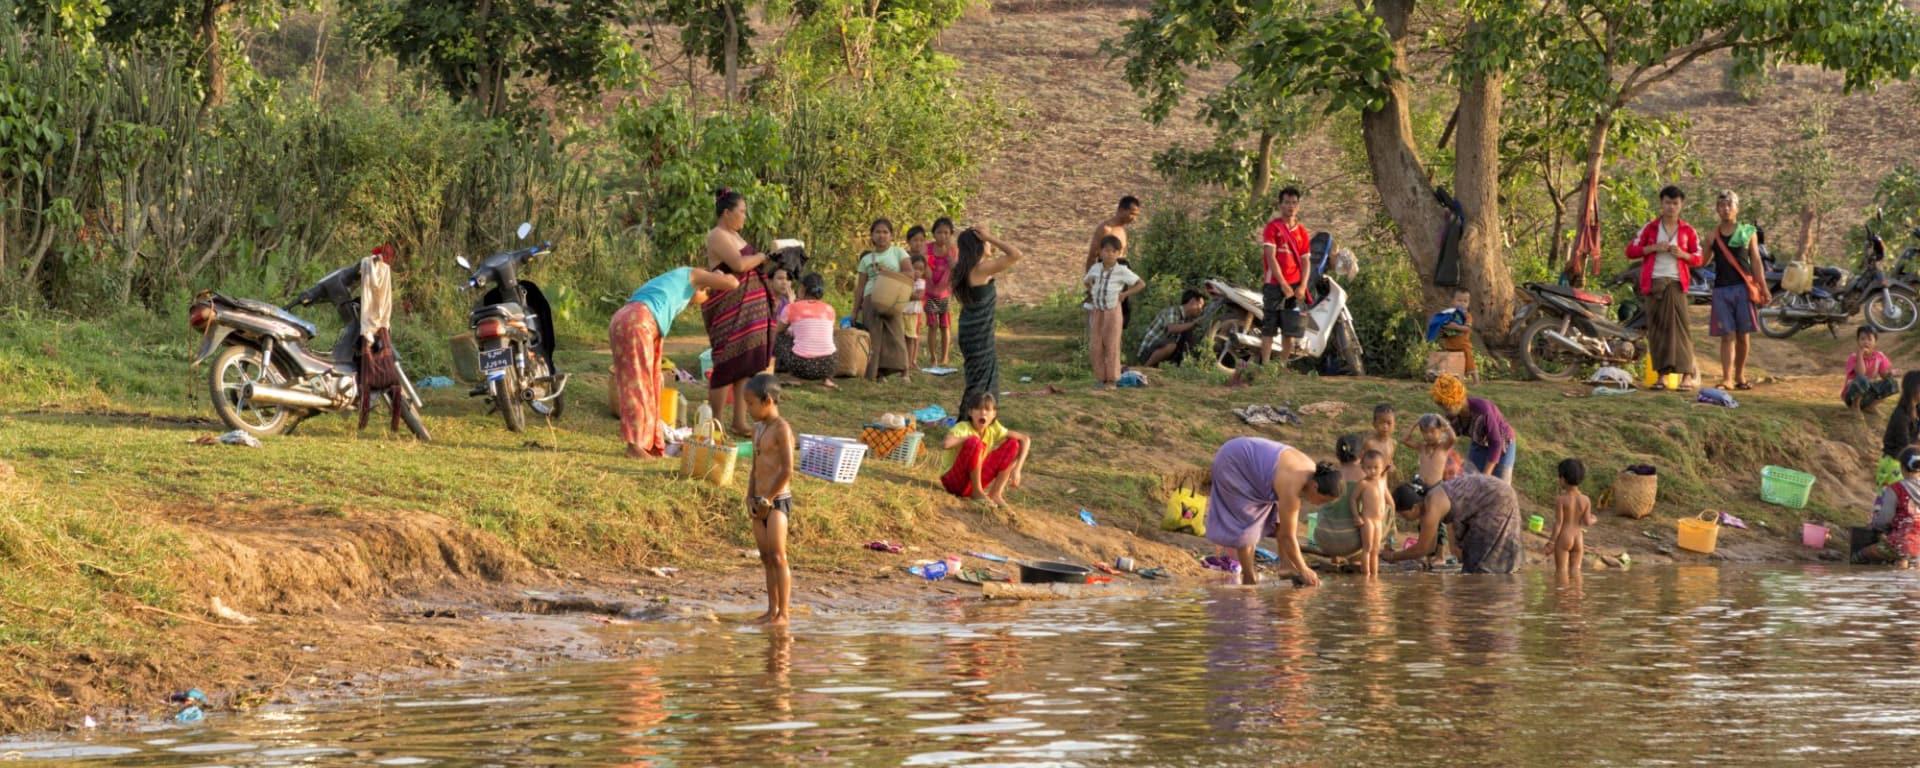 Le Myanmar authentique de Yangon: Sagar Lake Evening Bath